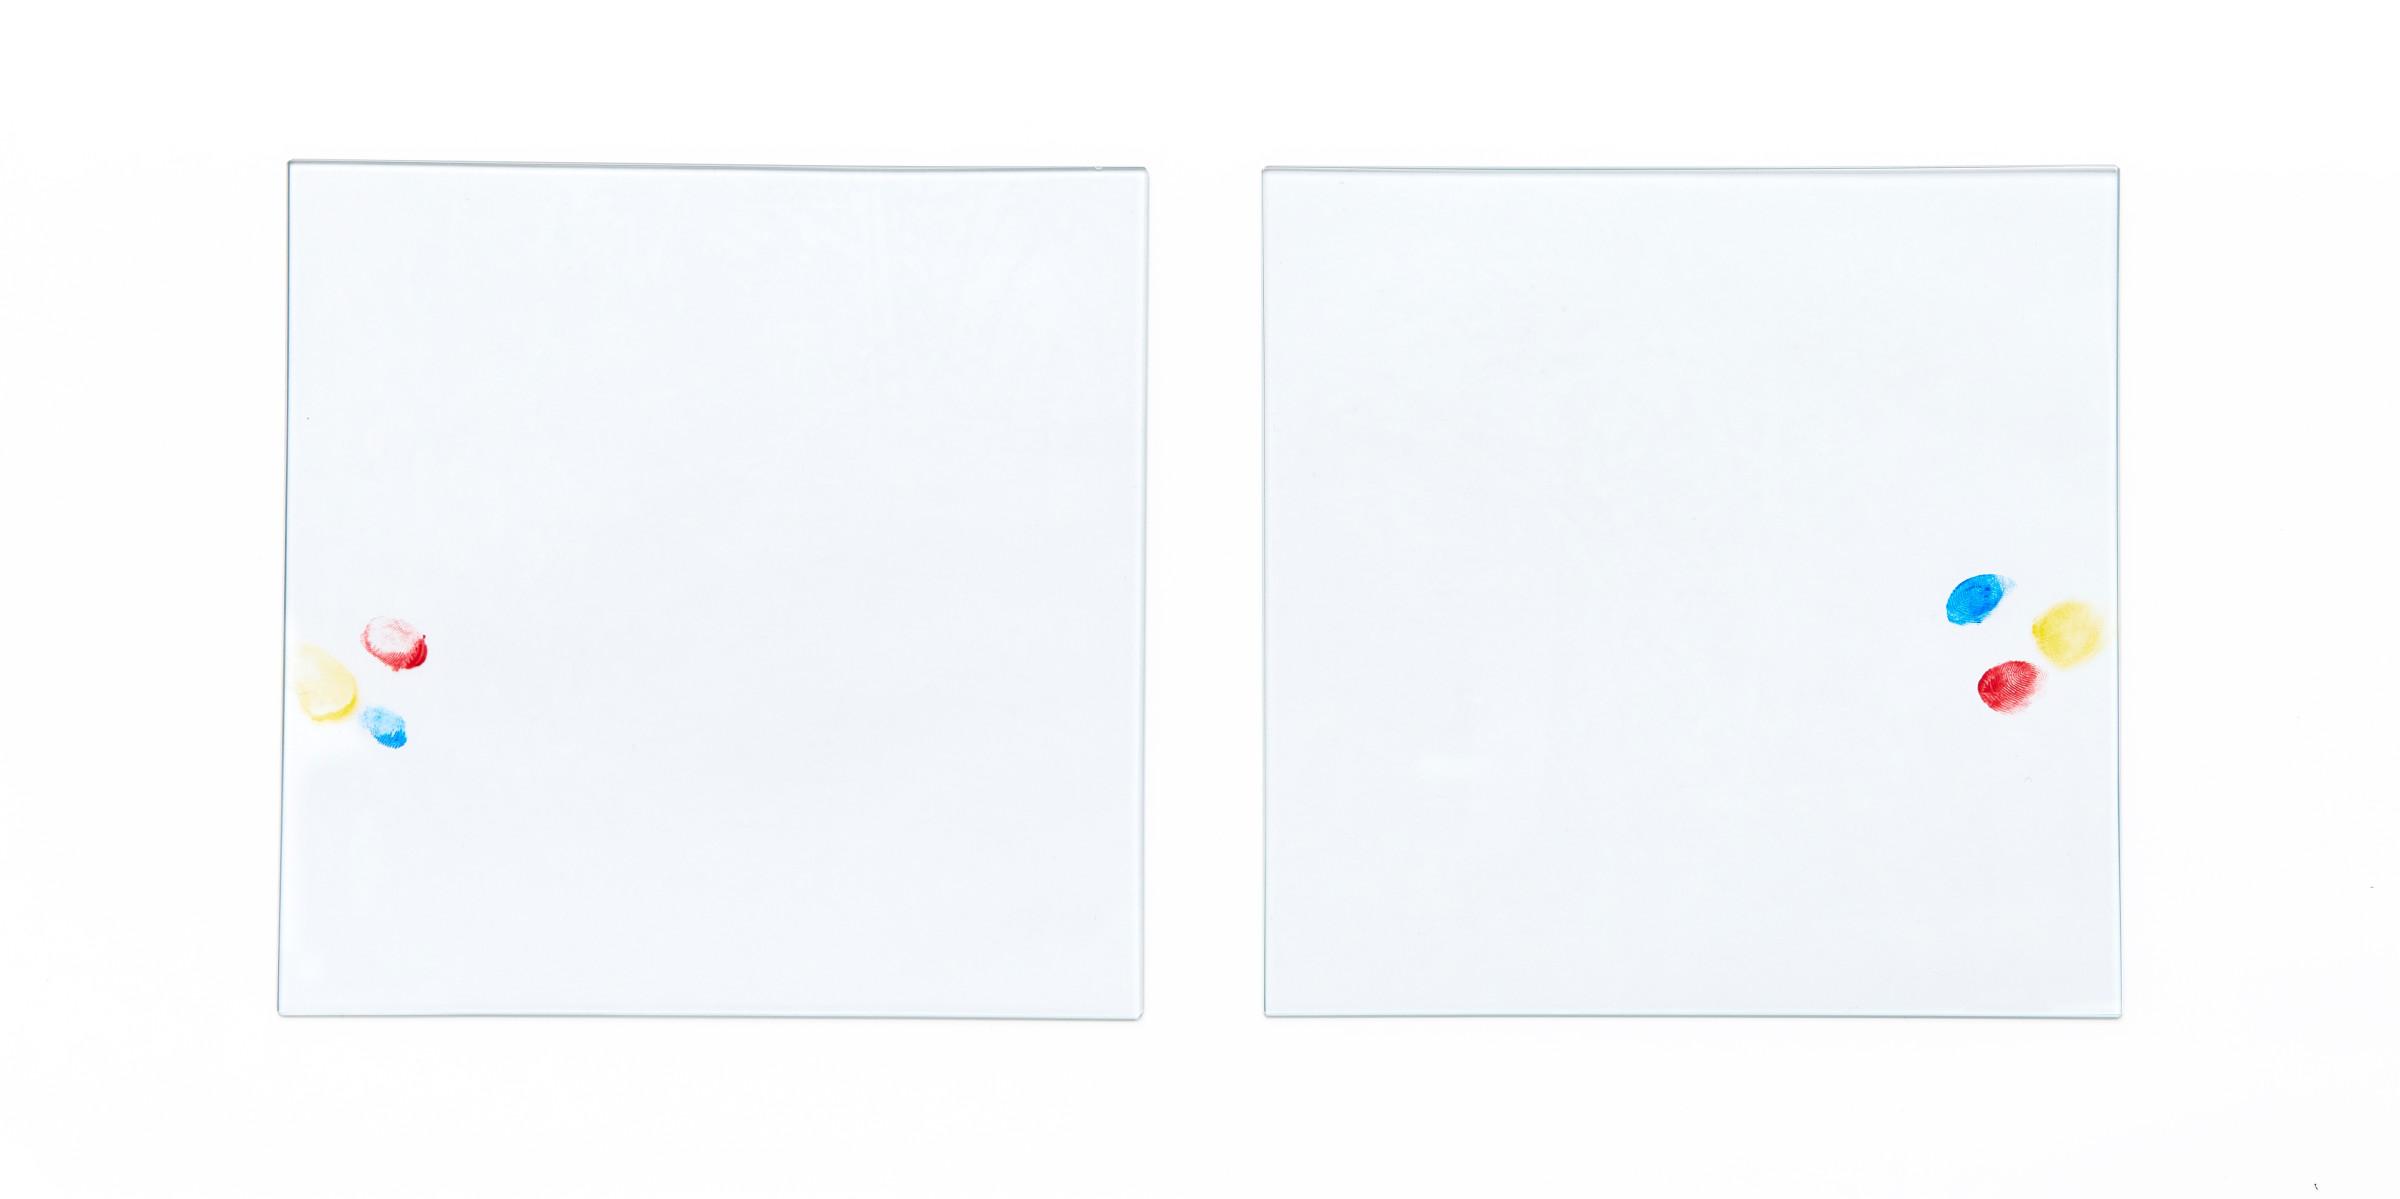 """<span class=""""link fancybox-details-link""""><a href=""""/artists/133-hreinn-frifinnsson/works/9165/"""">View Detail Page</a></span><div class=""""artist""""><strong>HREINN FRIÐFINNSSON</strong></div> <div class=""""title""""><em>Placement</em>, 1999-2012</div> <div class=""""medium"""">2 glass sheets, oilpaint</div> <div class=""""dimensions"""">Each: 22.5 x 22.5 cm</div>"""